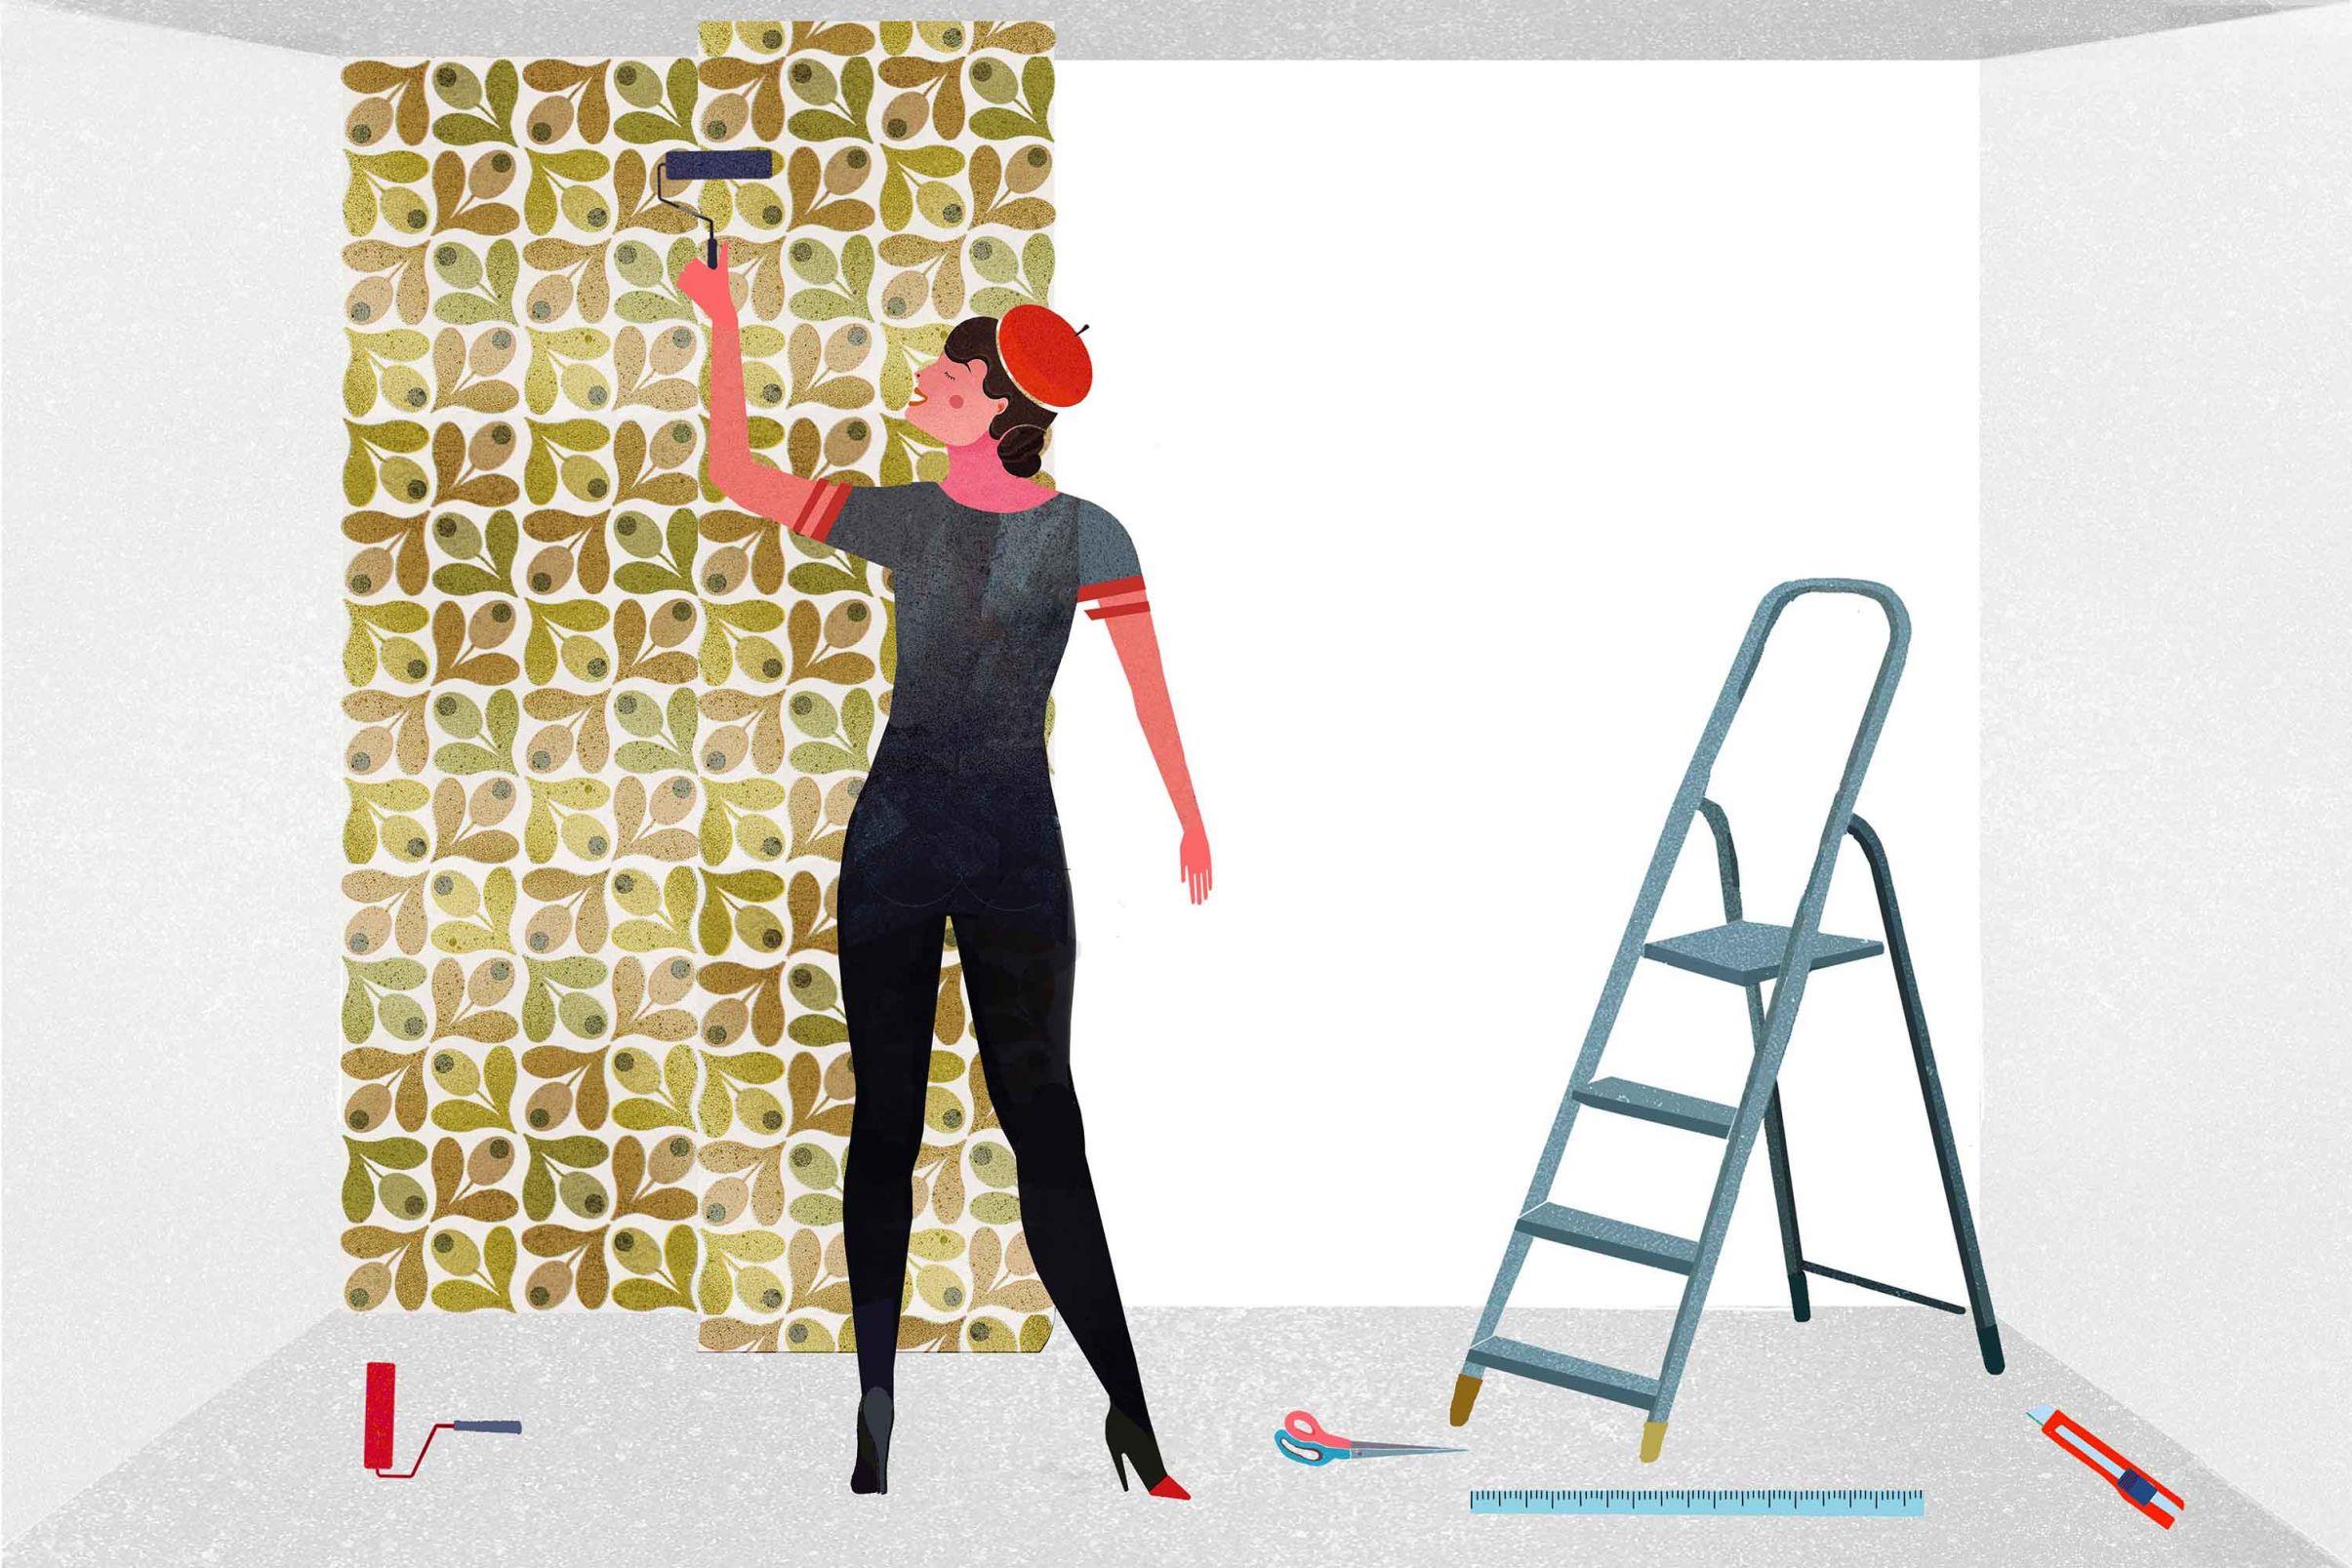 Come-posare-una-carta-da-parati-in-tessuto-non-tessuto-Far-aderire-la-carta-da-parati-alla-parete